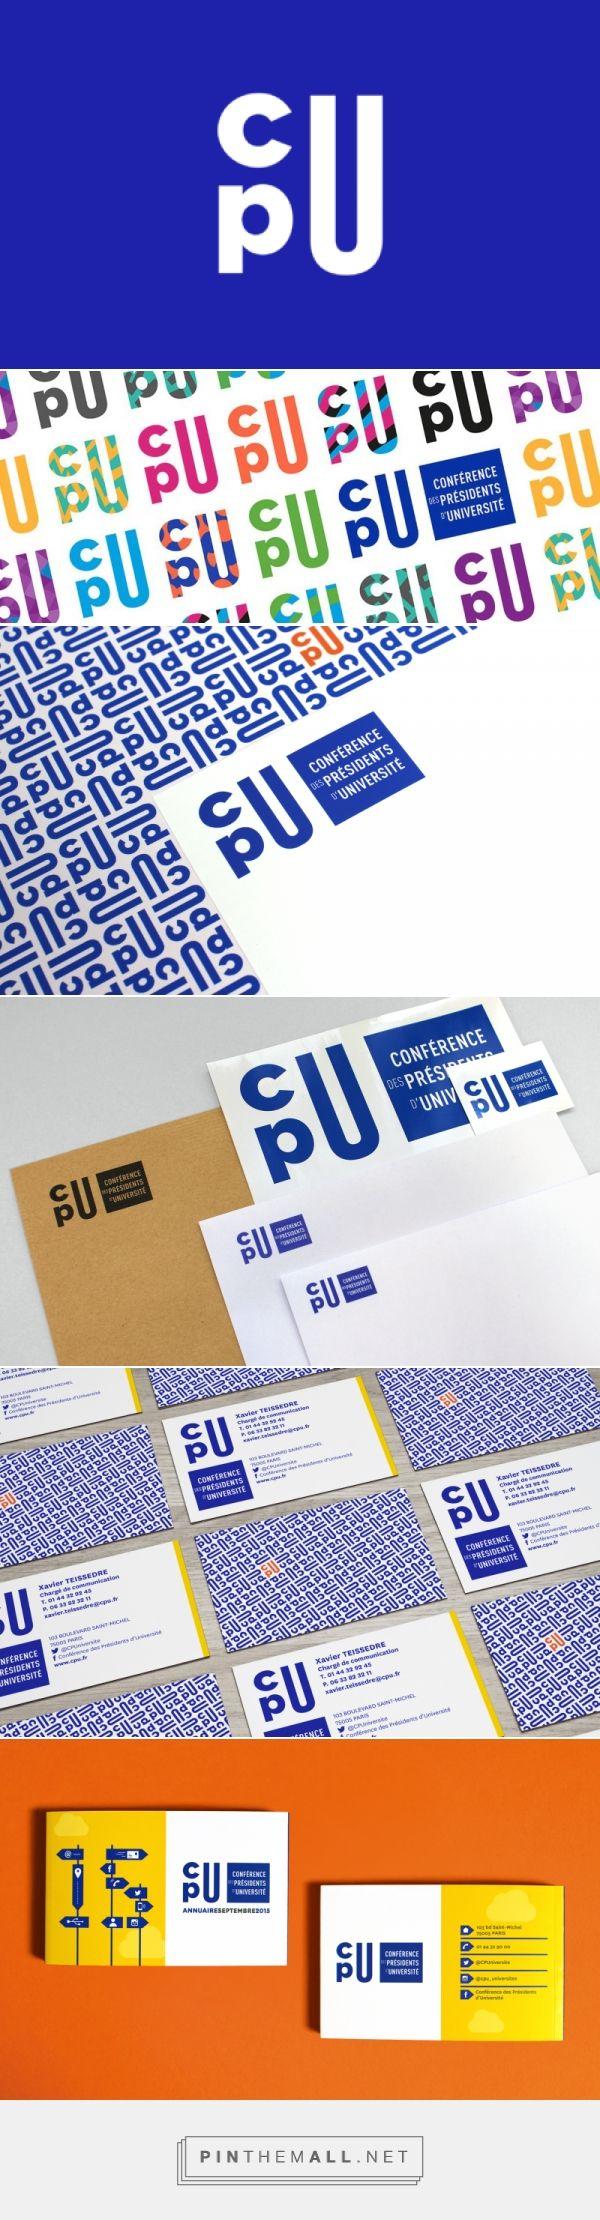 Identité visuelle de la Conférence des Présidents d'Université - Graphéine - Agence de communication Paris Lyon - created via https://pinthemall.net